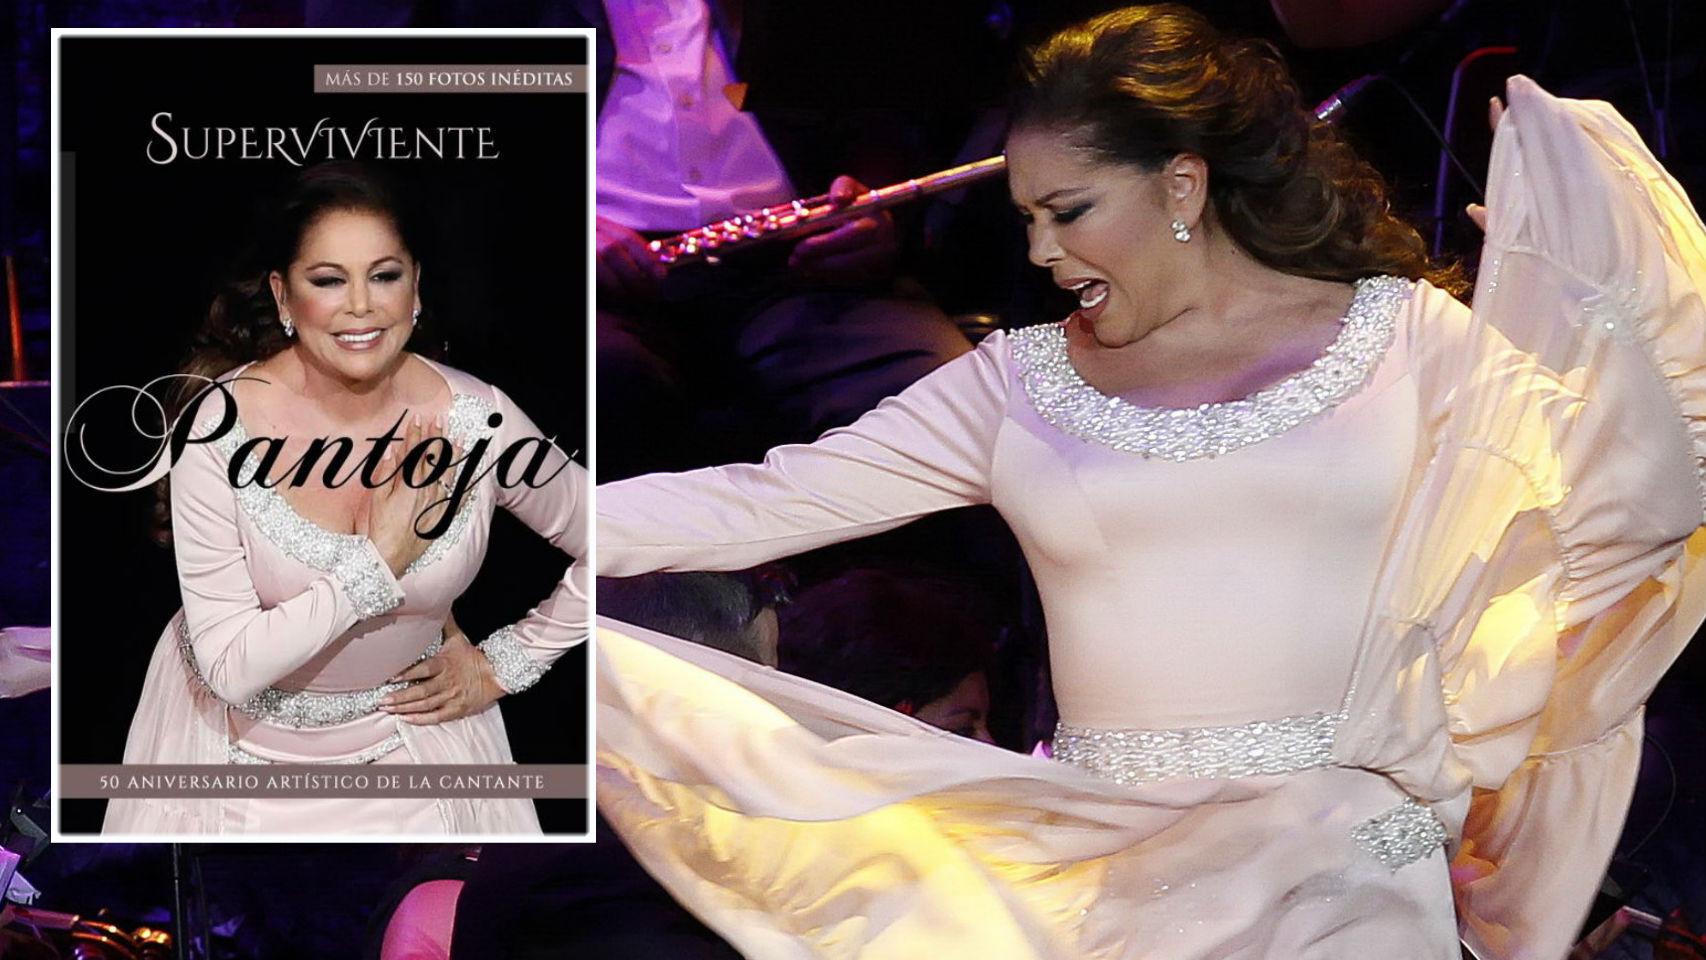 Isabel Pantoja sobre el escenario junto a la portada de la biografía 'Superviviente Pantoja'.